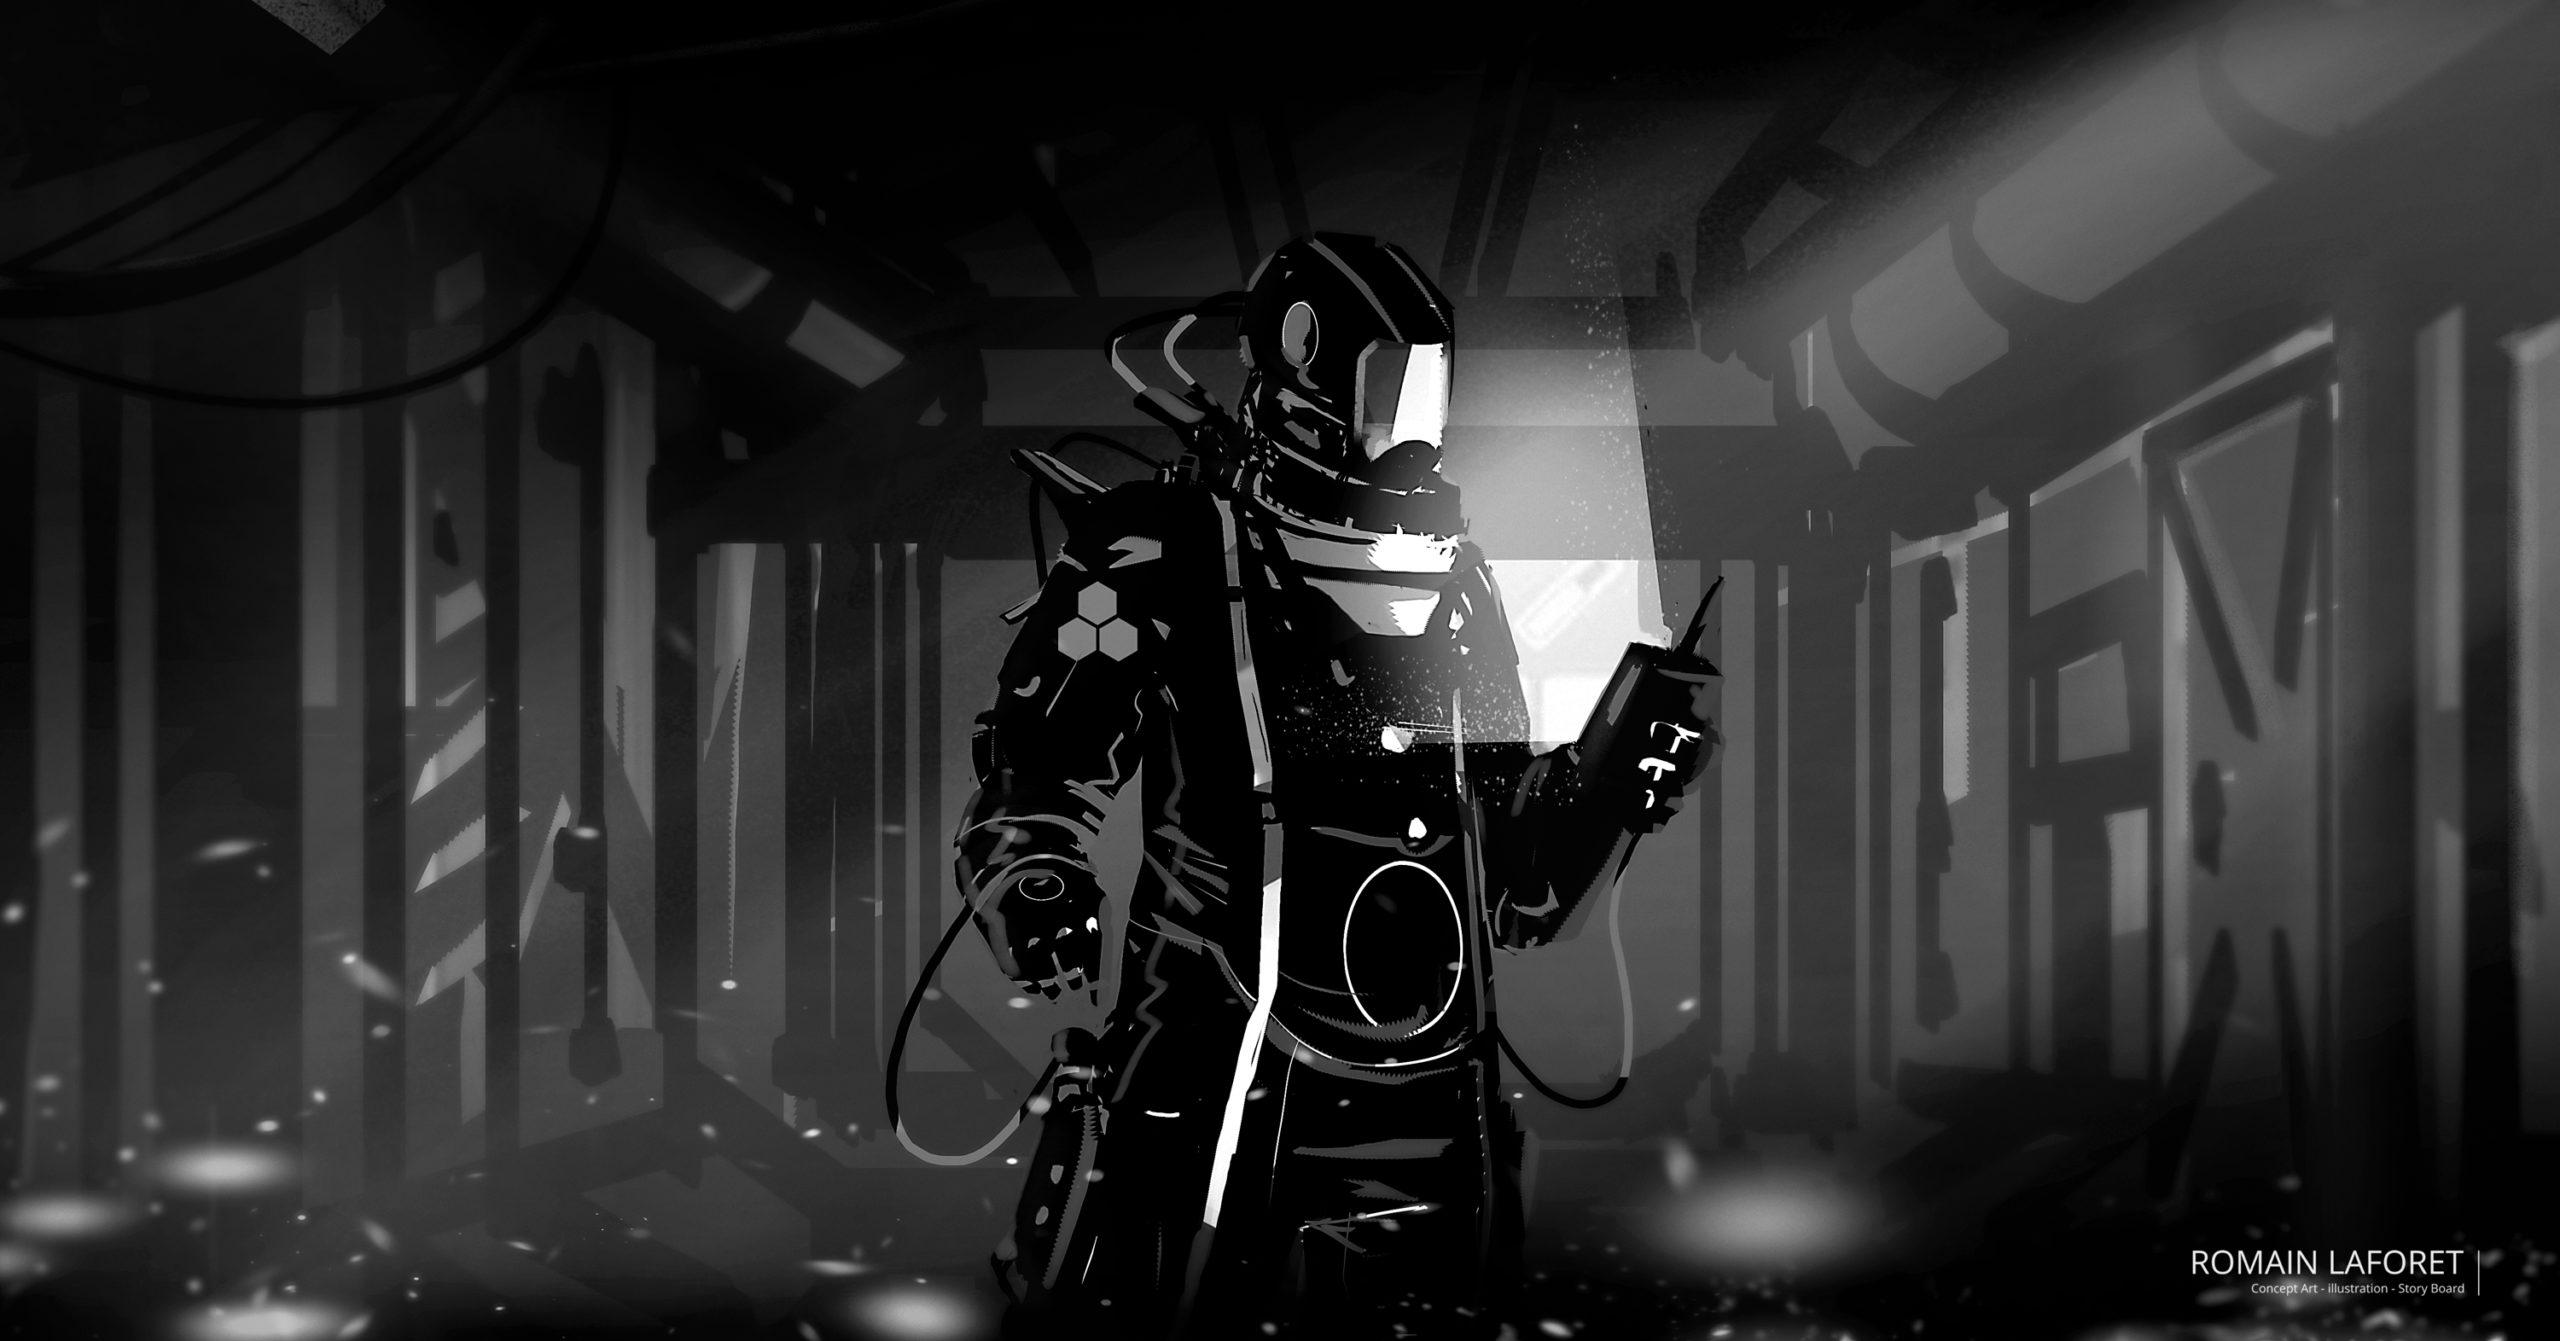 space suit concept art noir et blanc romain laforet